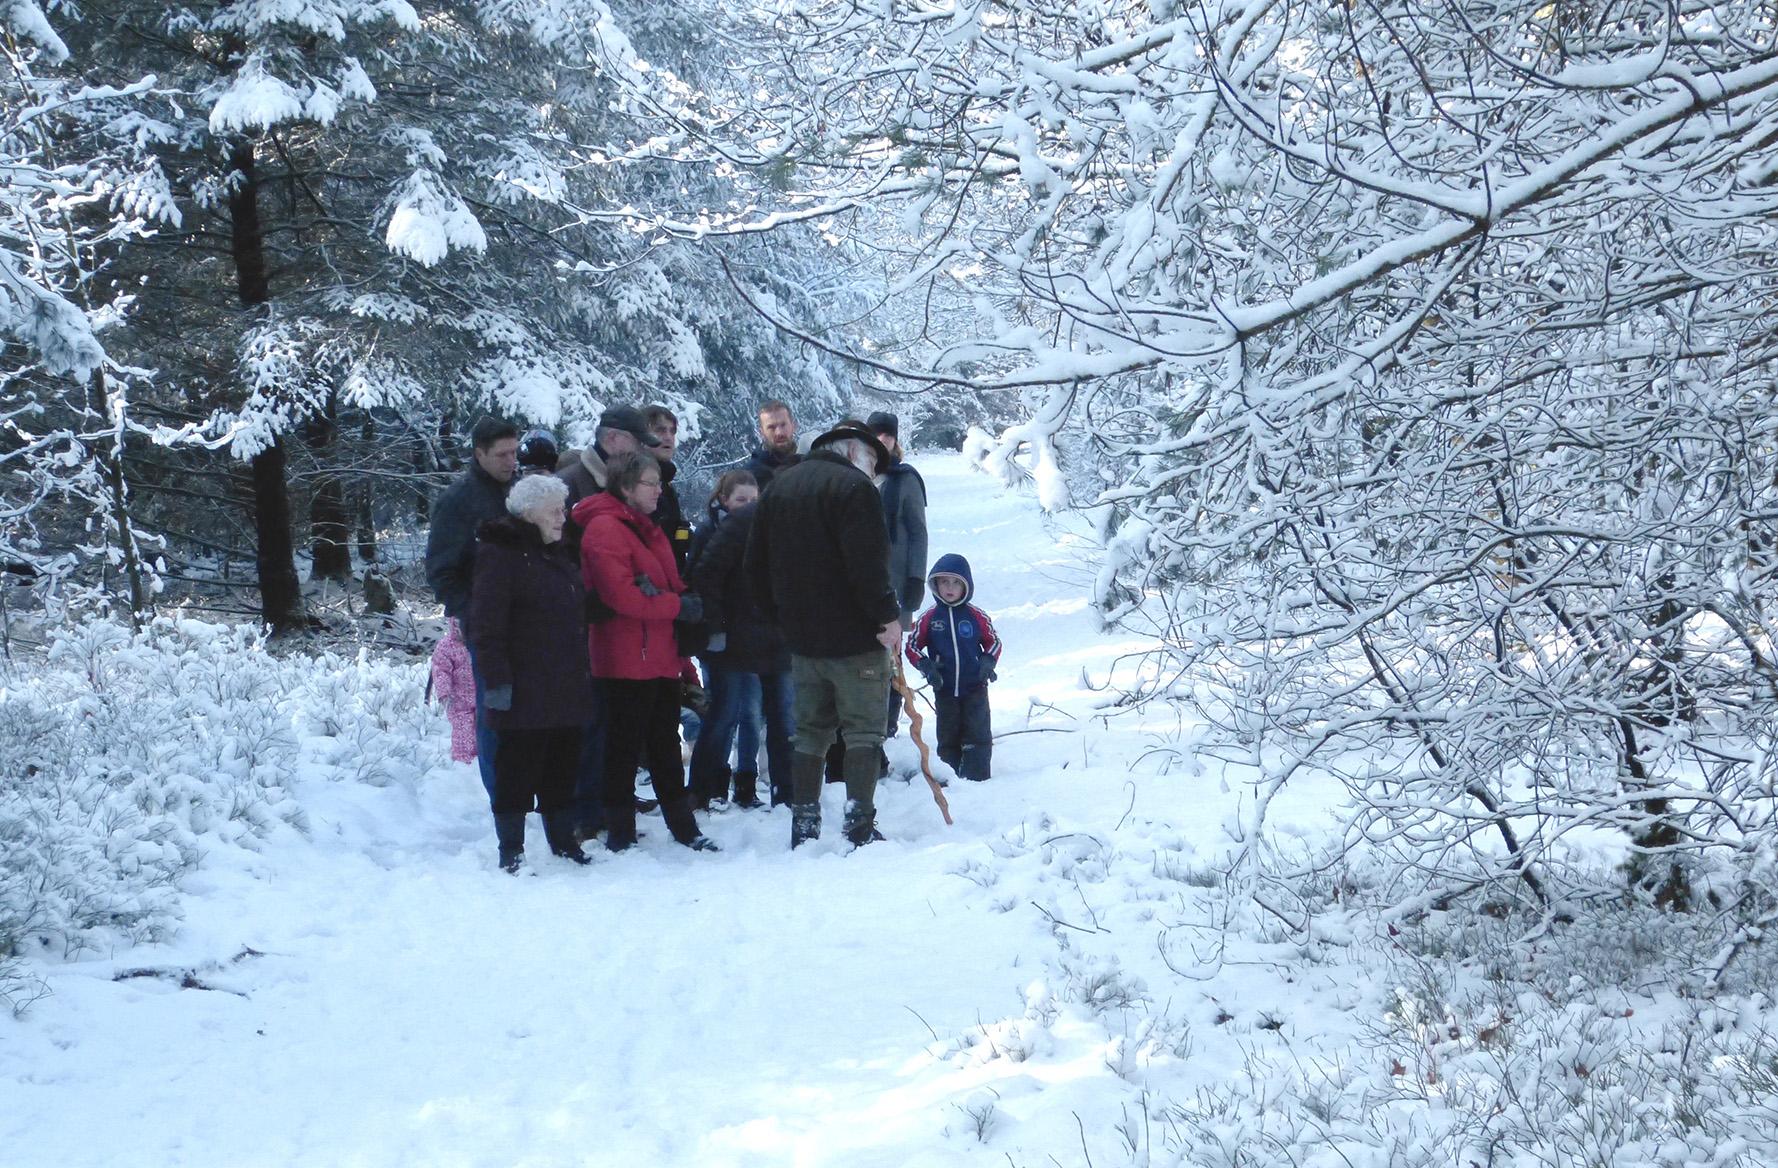 Een natuurwandeling in de winter bij Hoenderloo op 10 februari 2013 - Foto: ©Fransien Fraanje